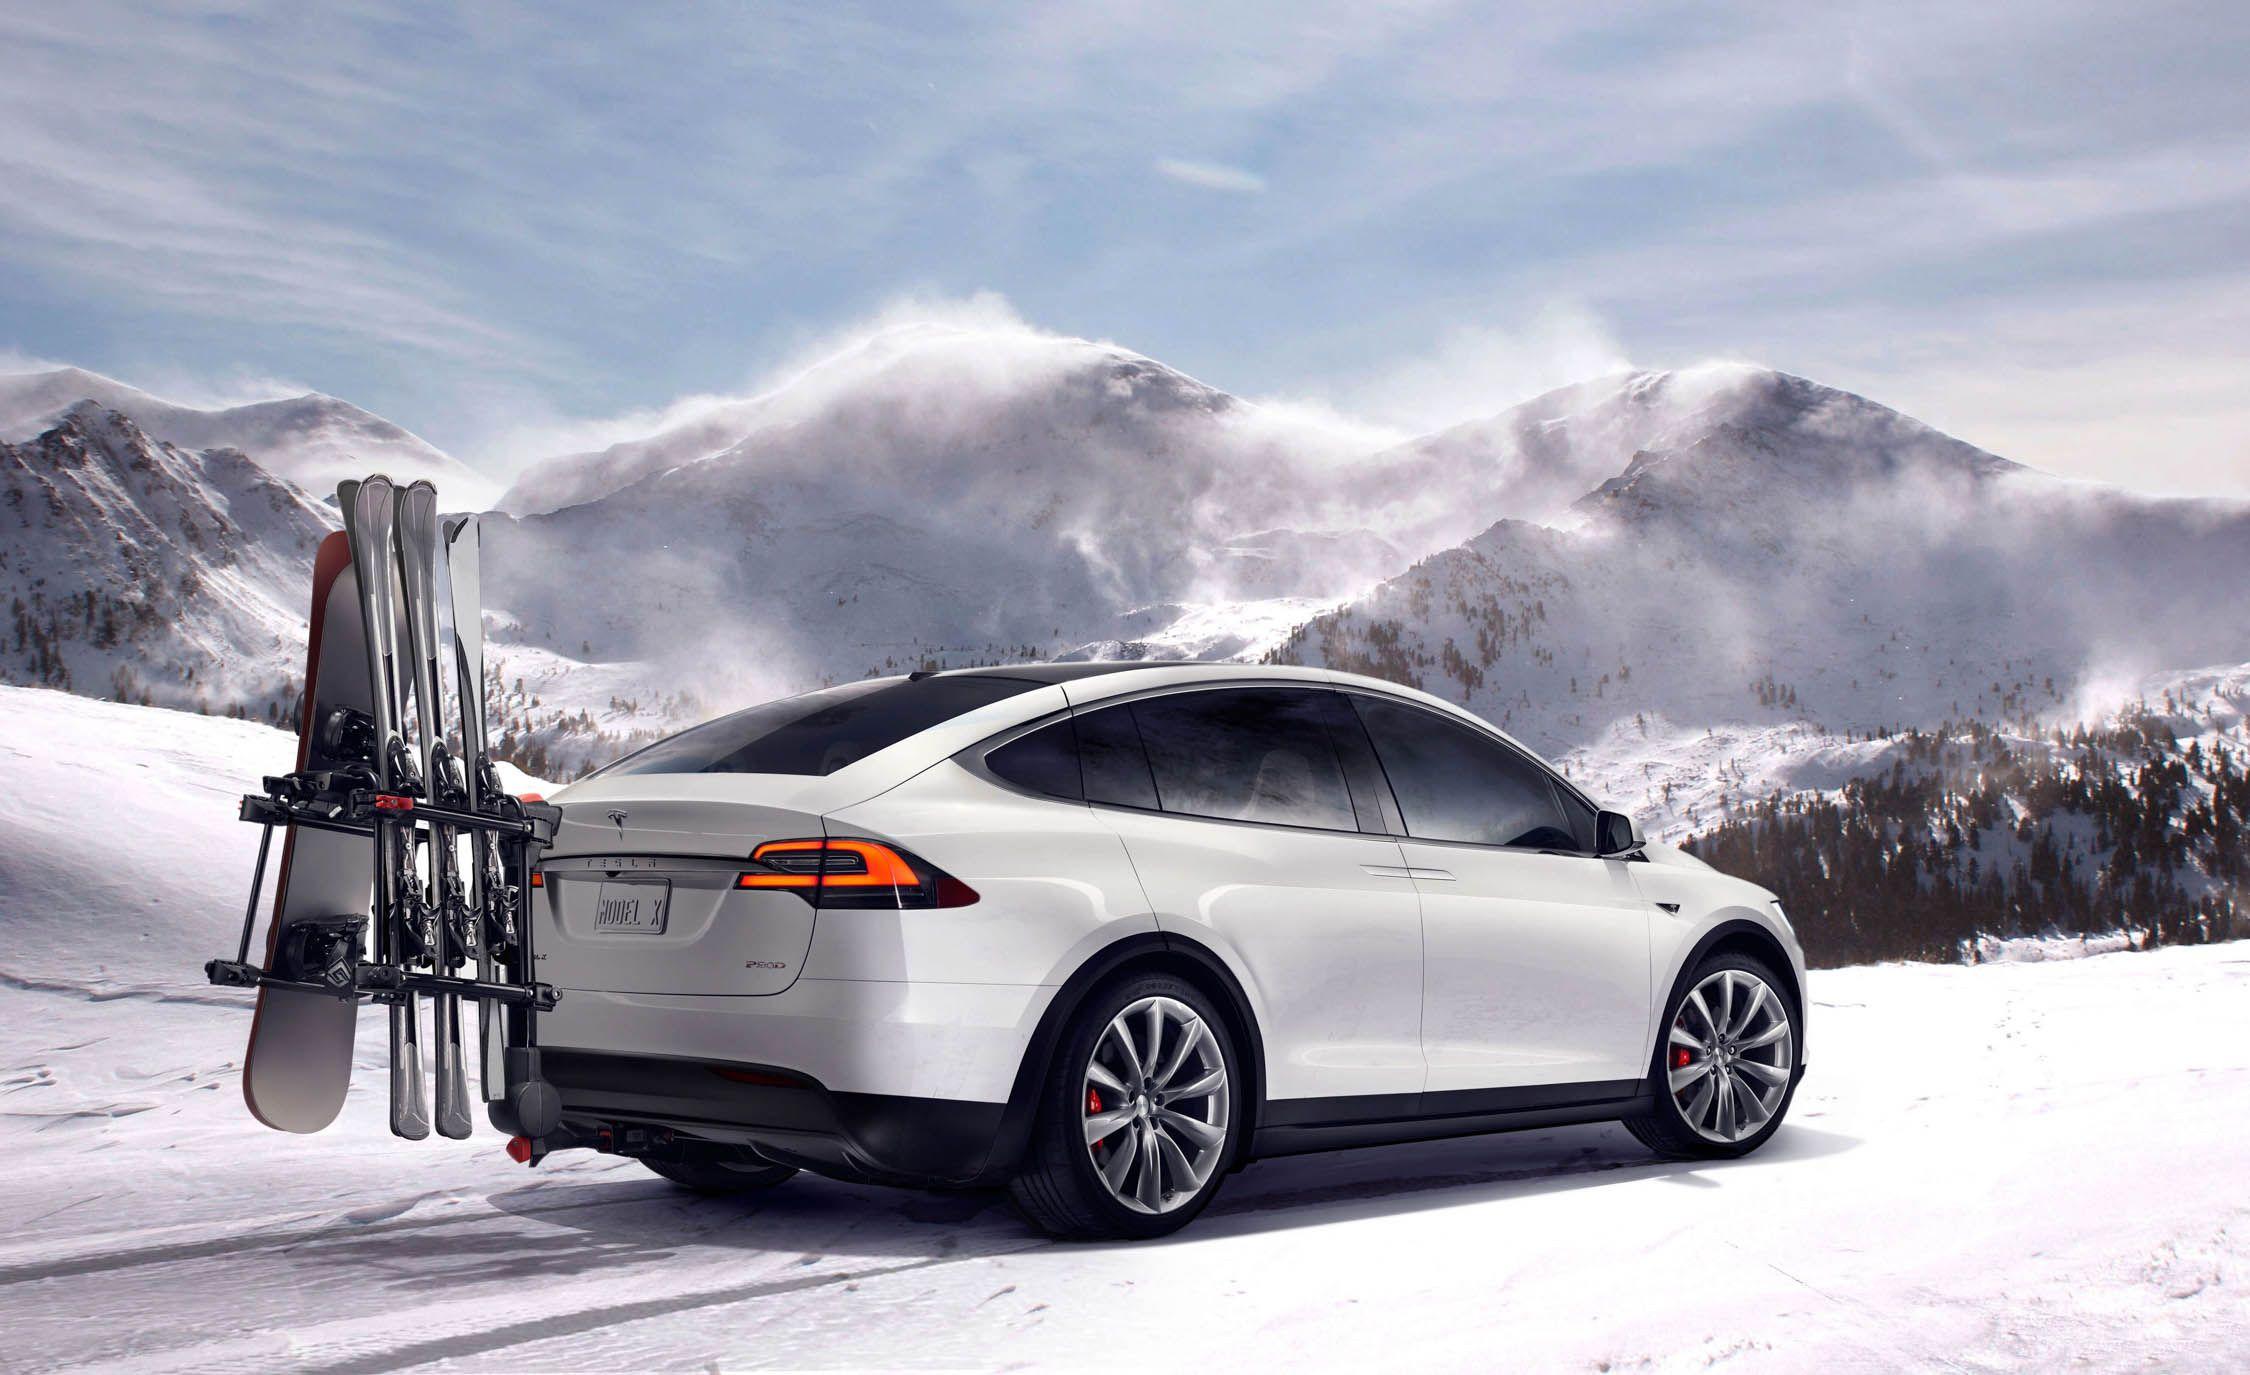 How We D Spec It The Ludicrous Tesla Model X P90d